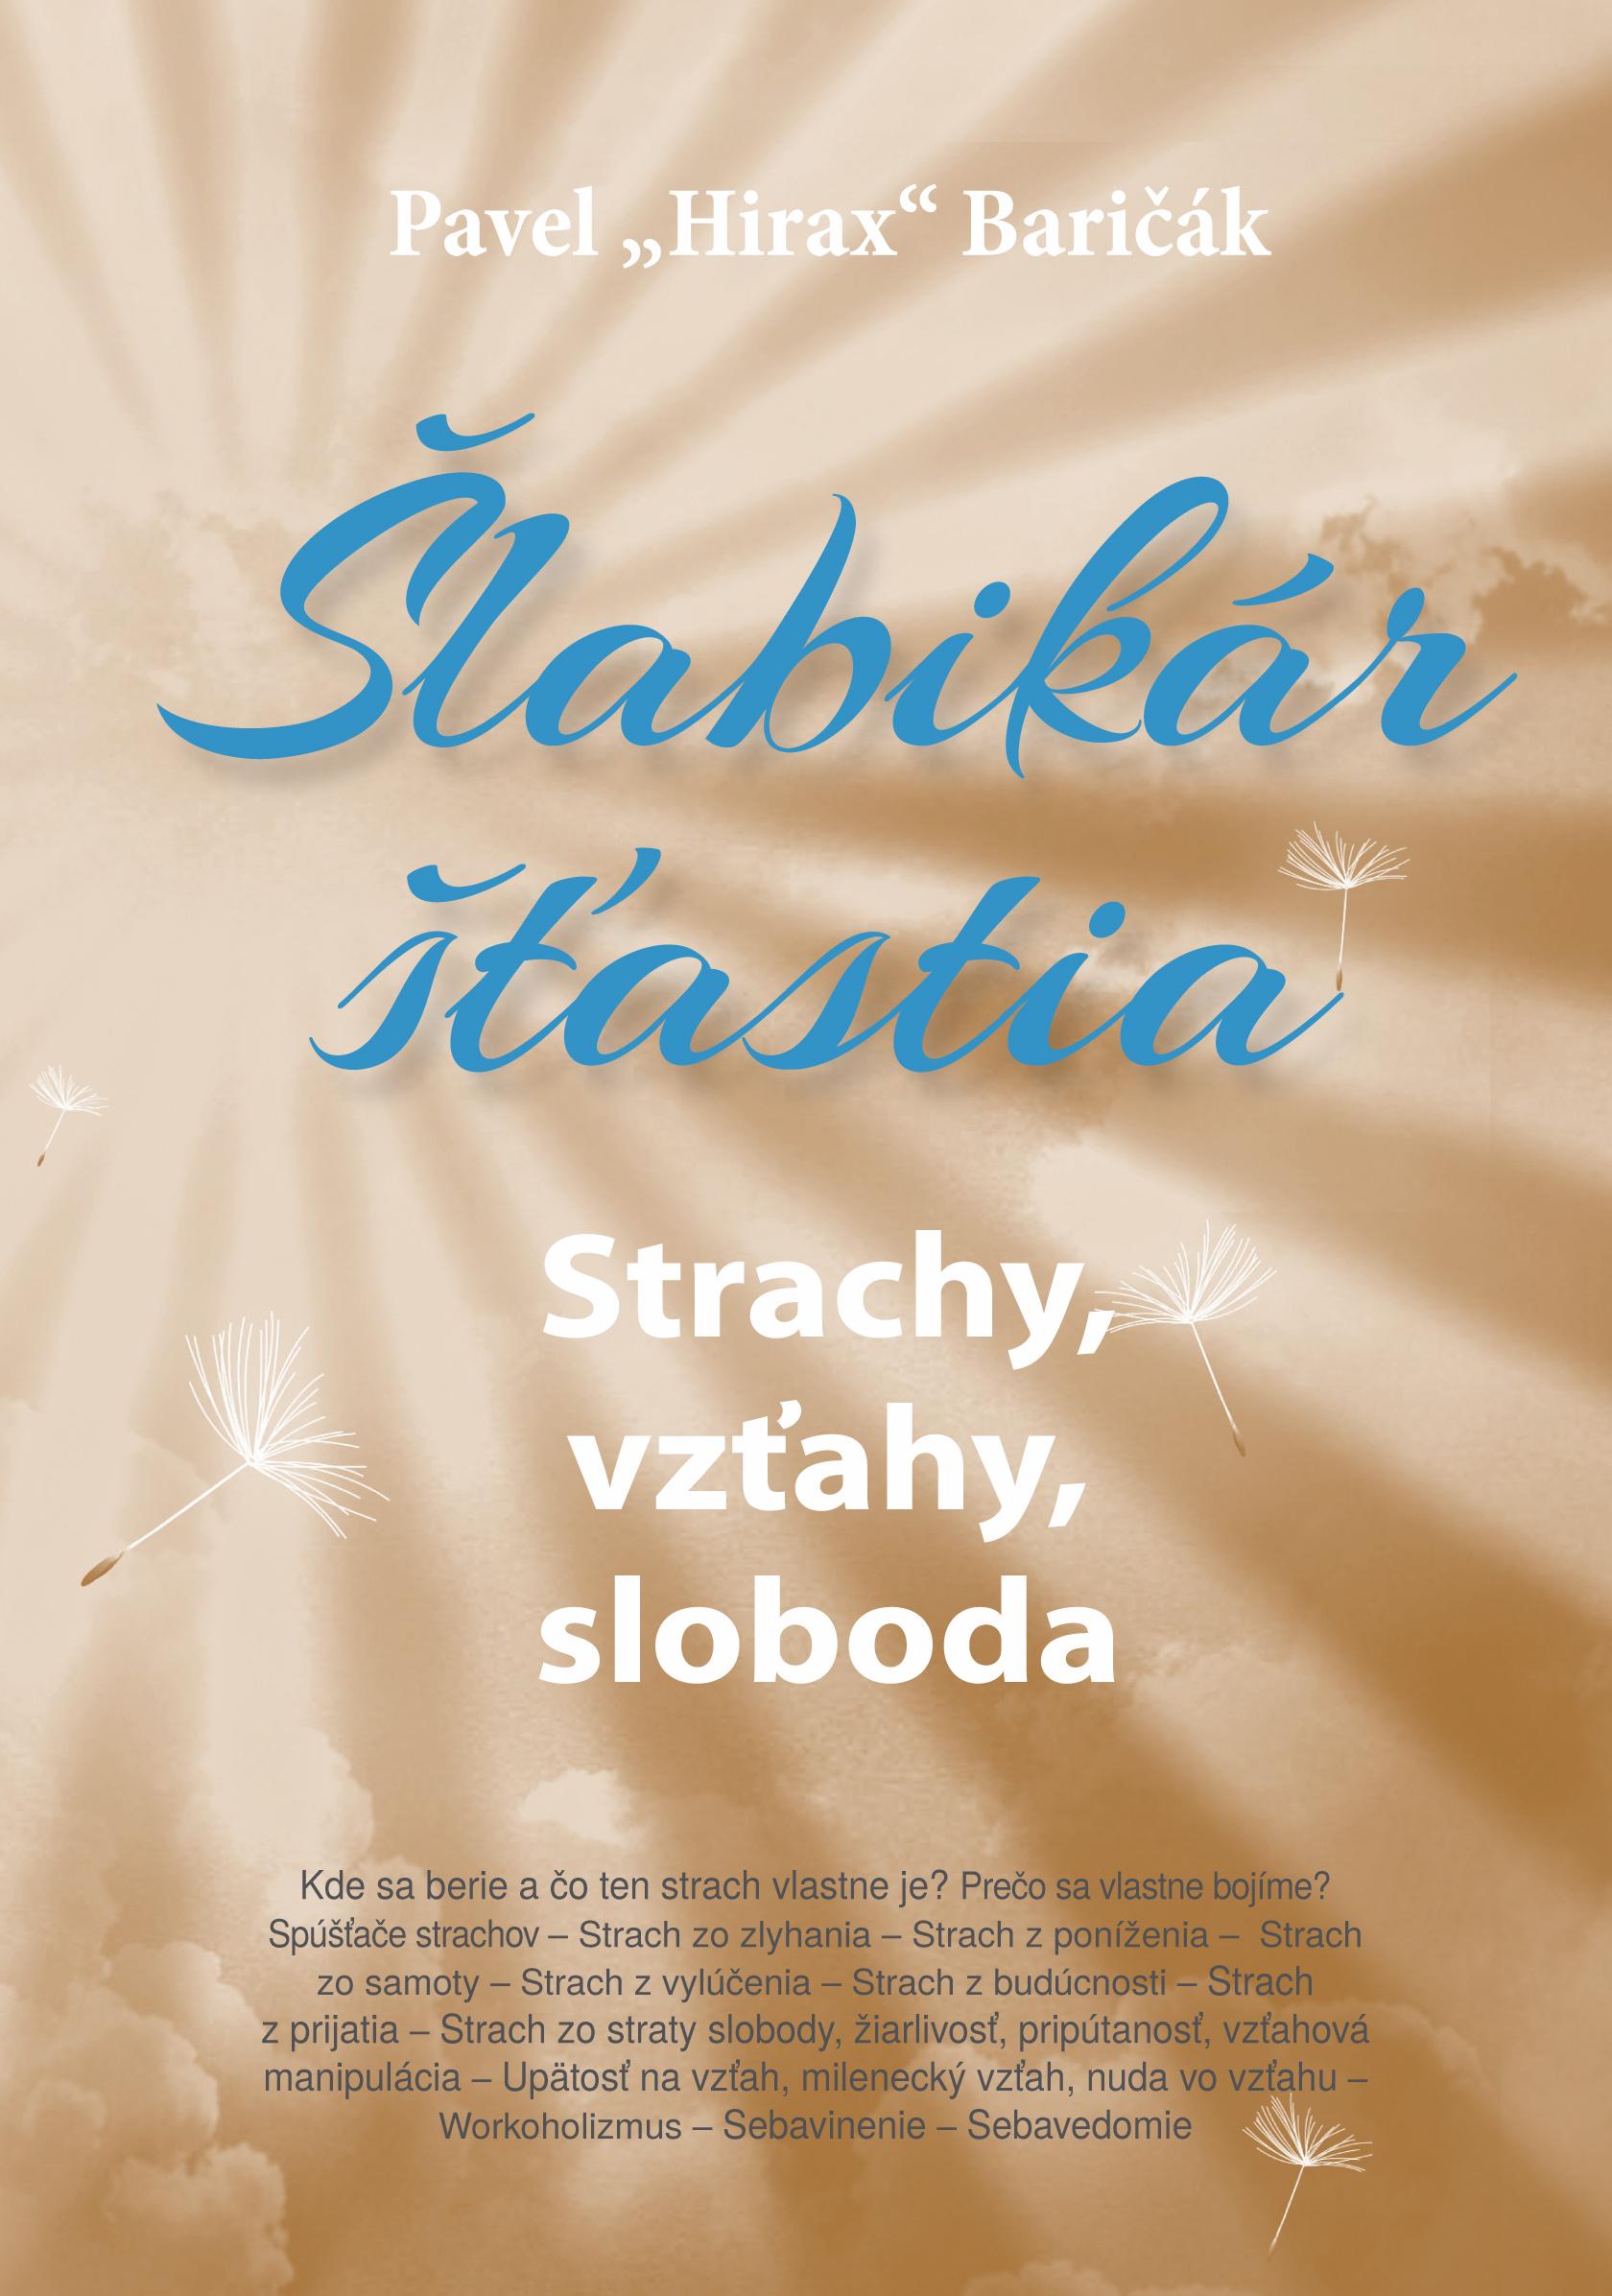 Šlabikár šťastia 4, Strachy, vzťahy, sloboda - Baričák Hirax Pavel